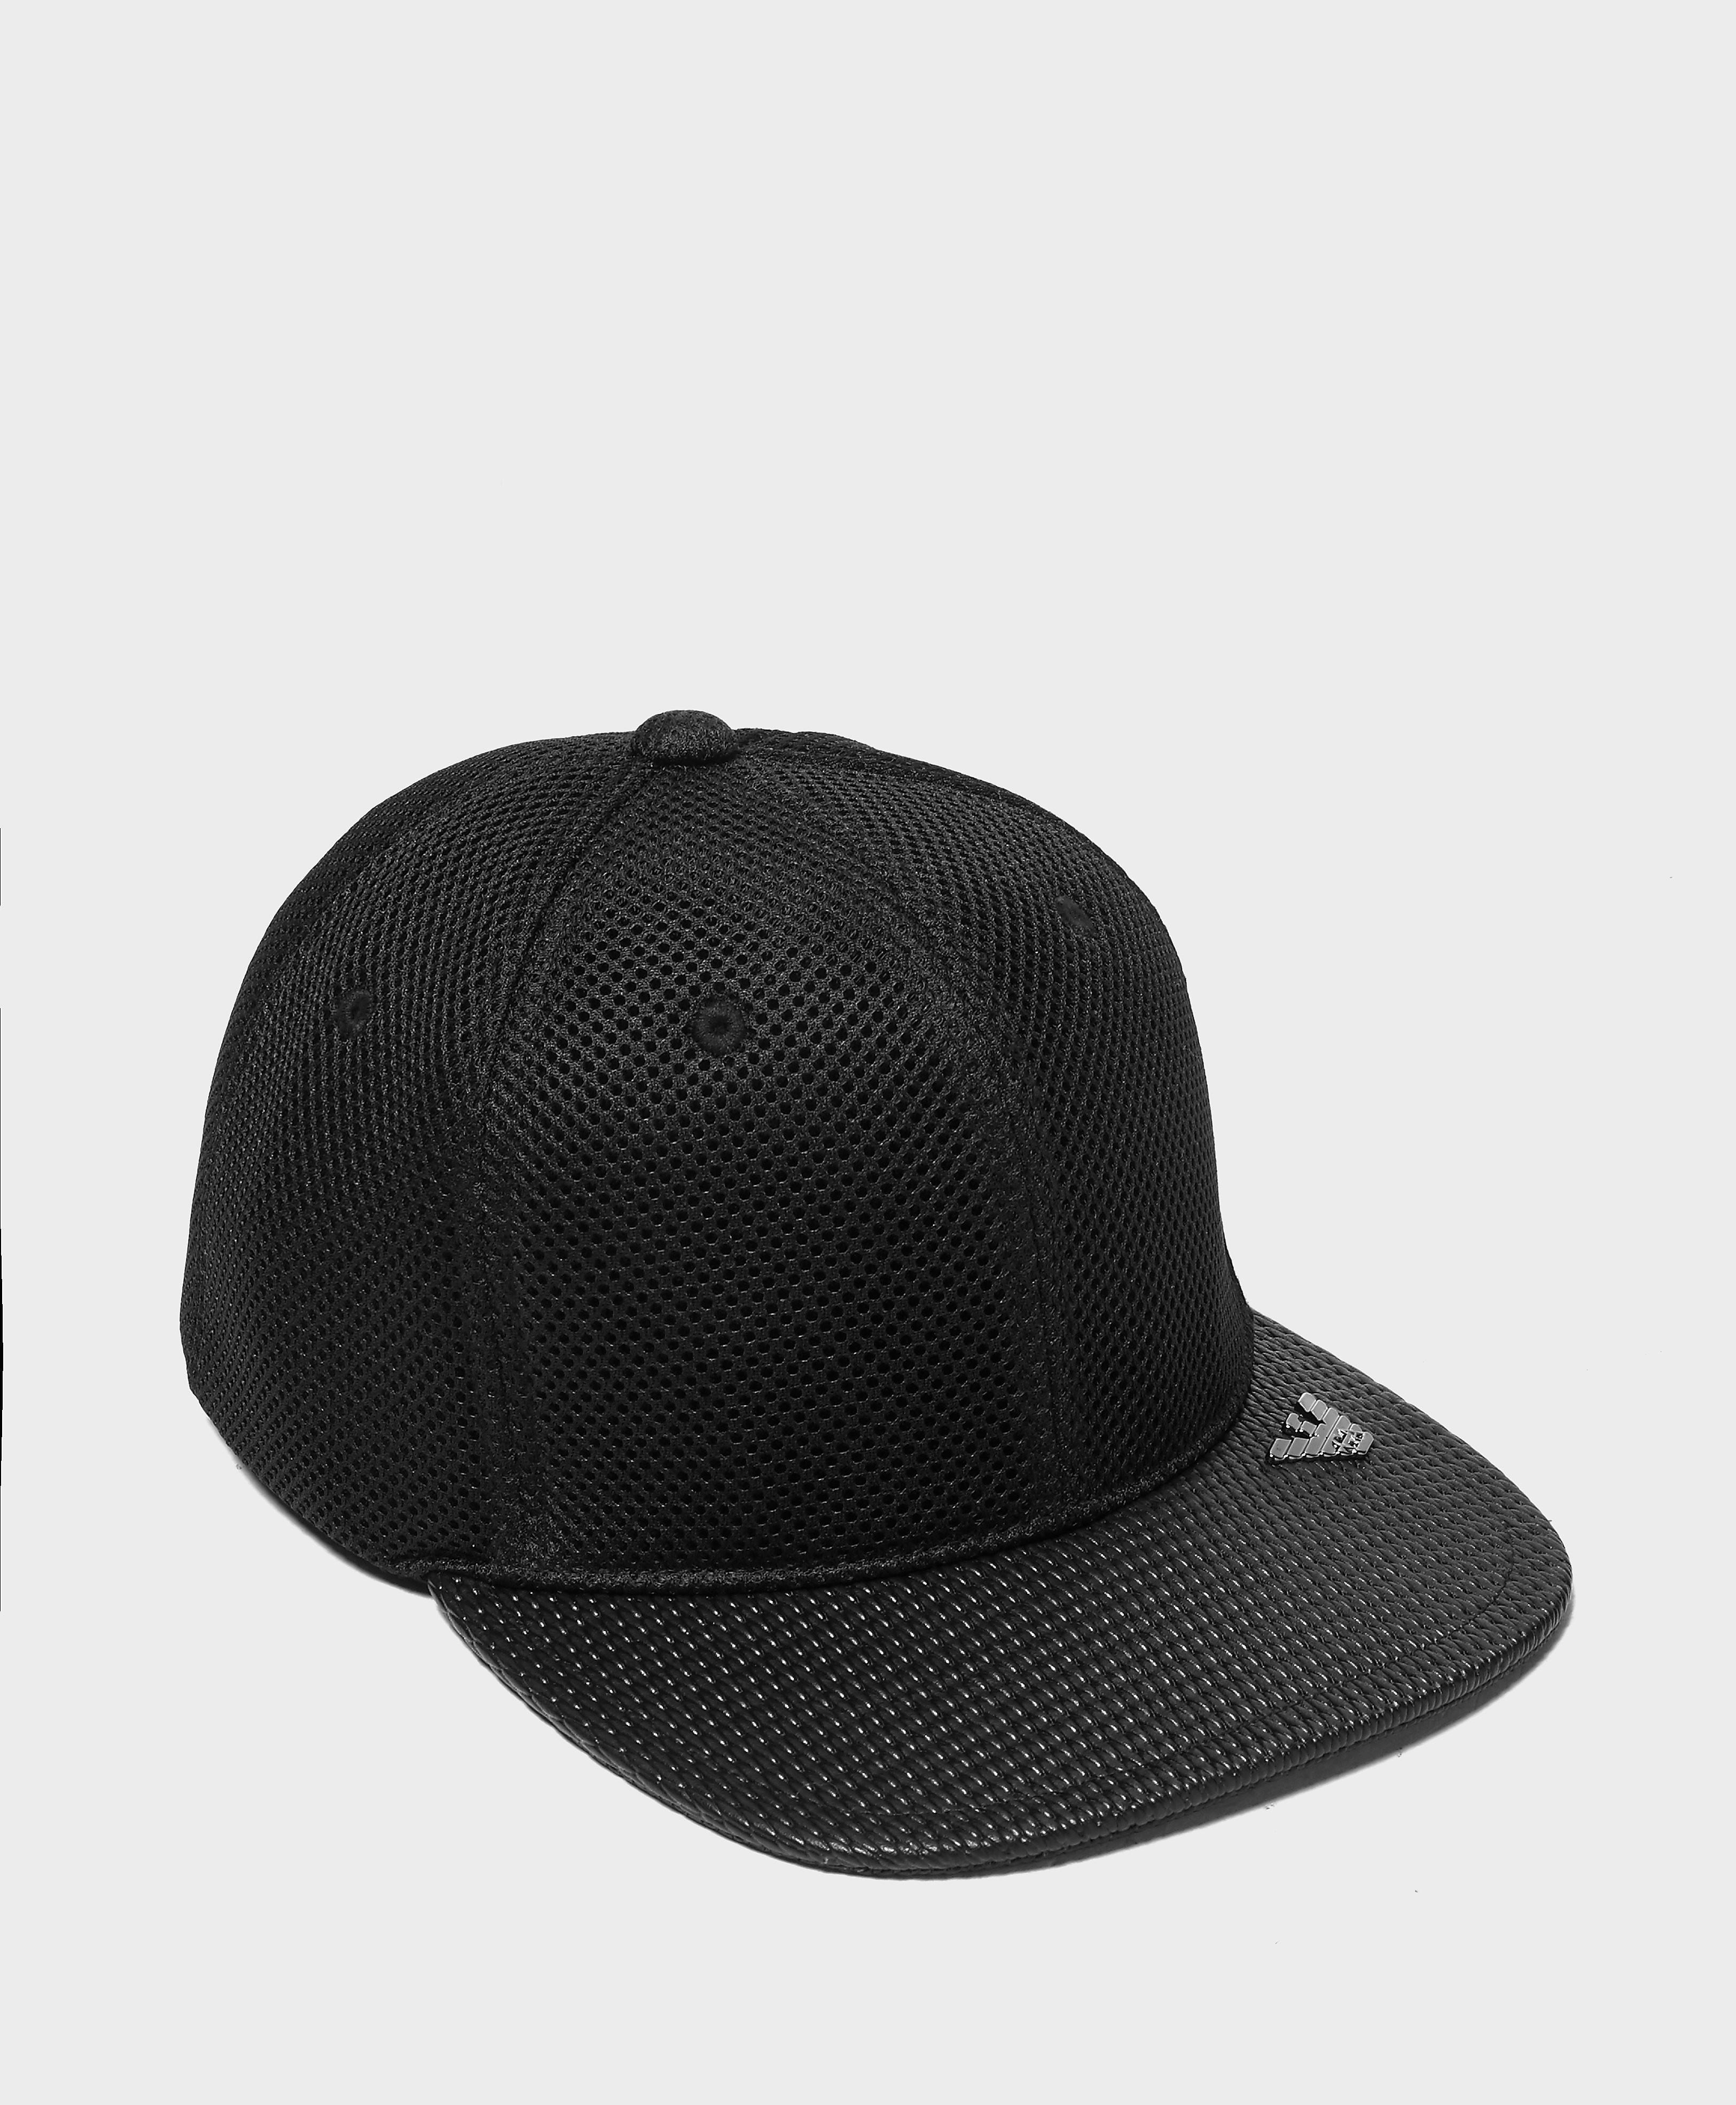 Armani Jeans Mesh Cap  Black Black